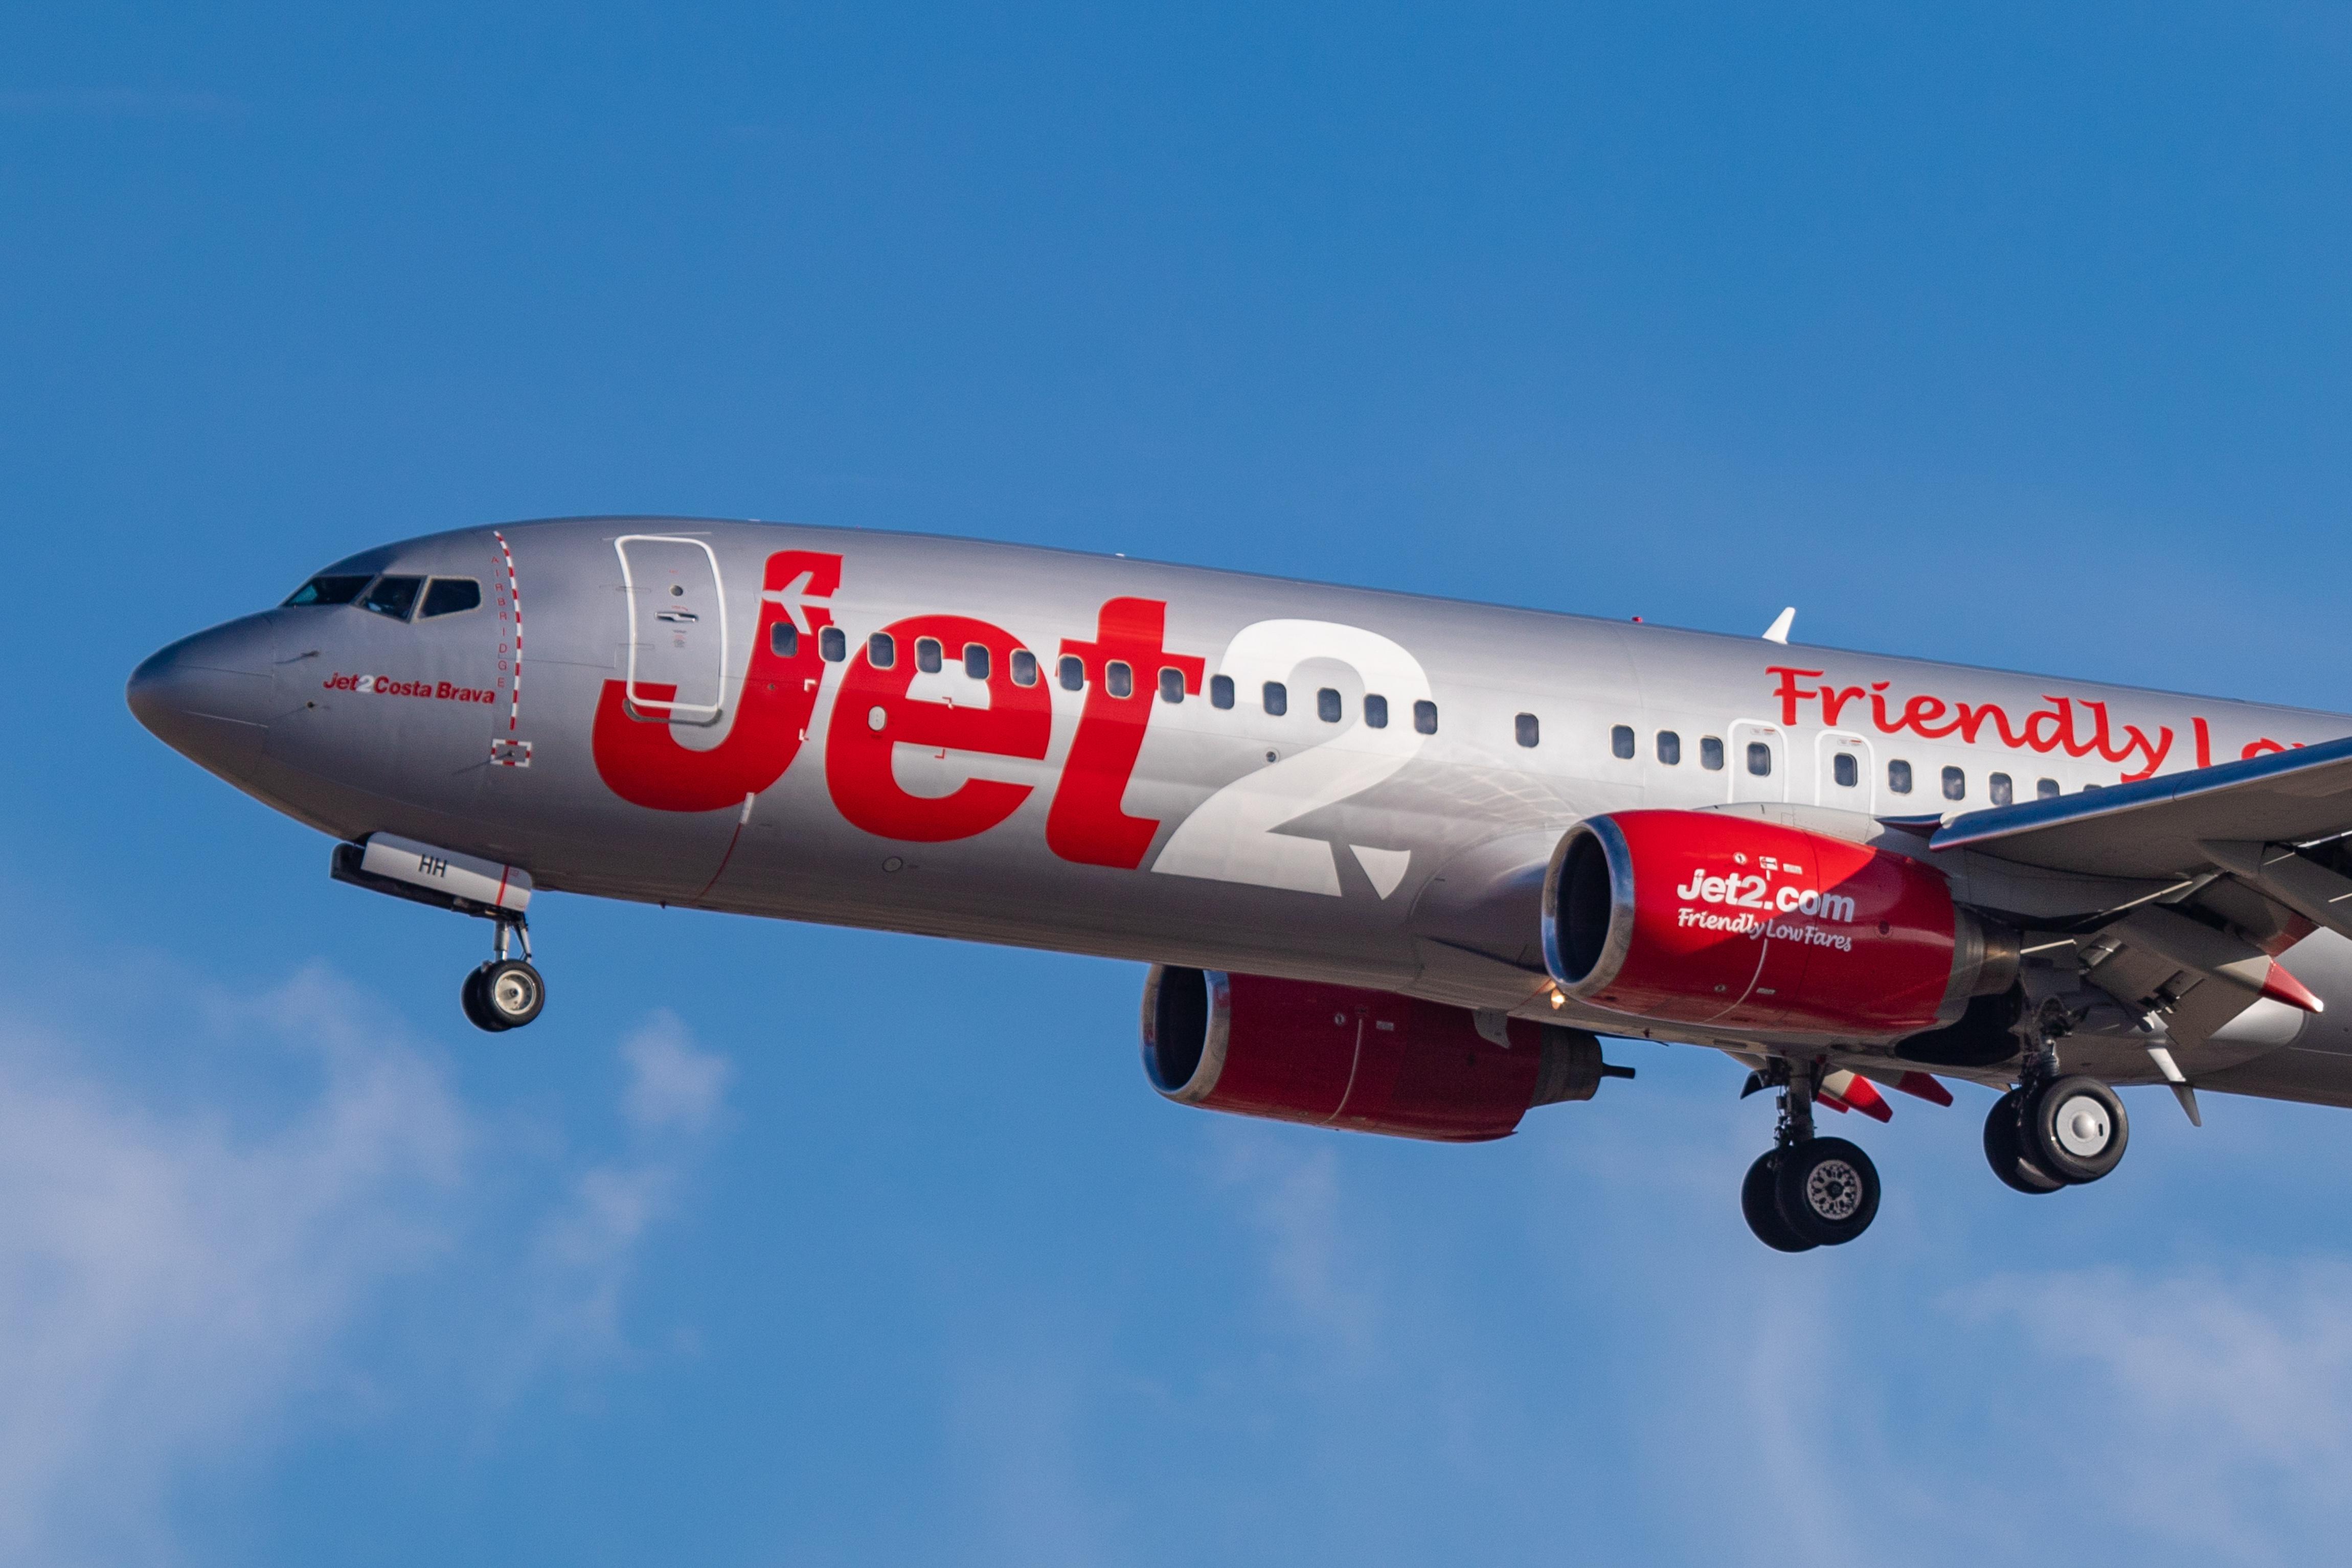 Két év börtönre ítéltek egy nőt, aki azzal fenyegetőzött, hogy a levegőben kinyitja a repülő ajtaját